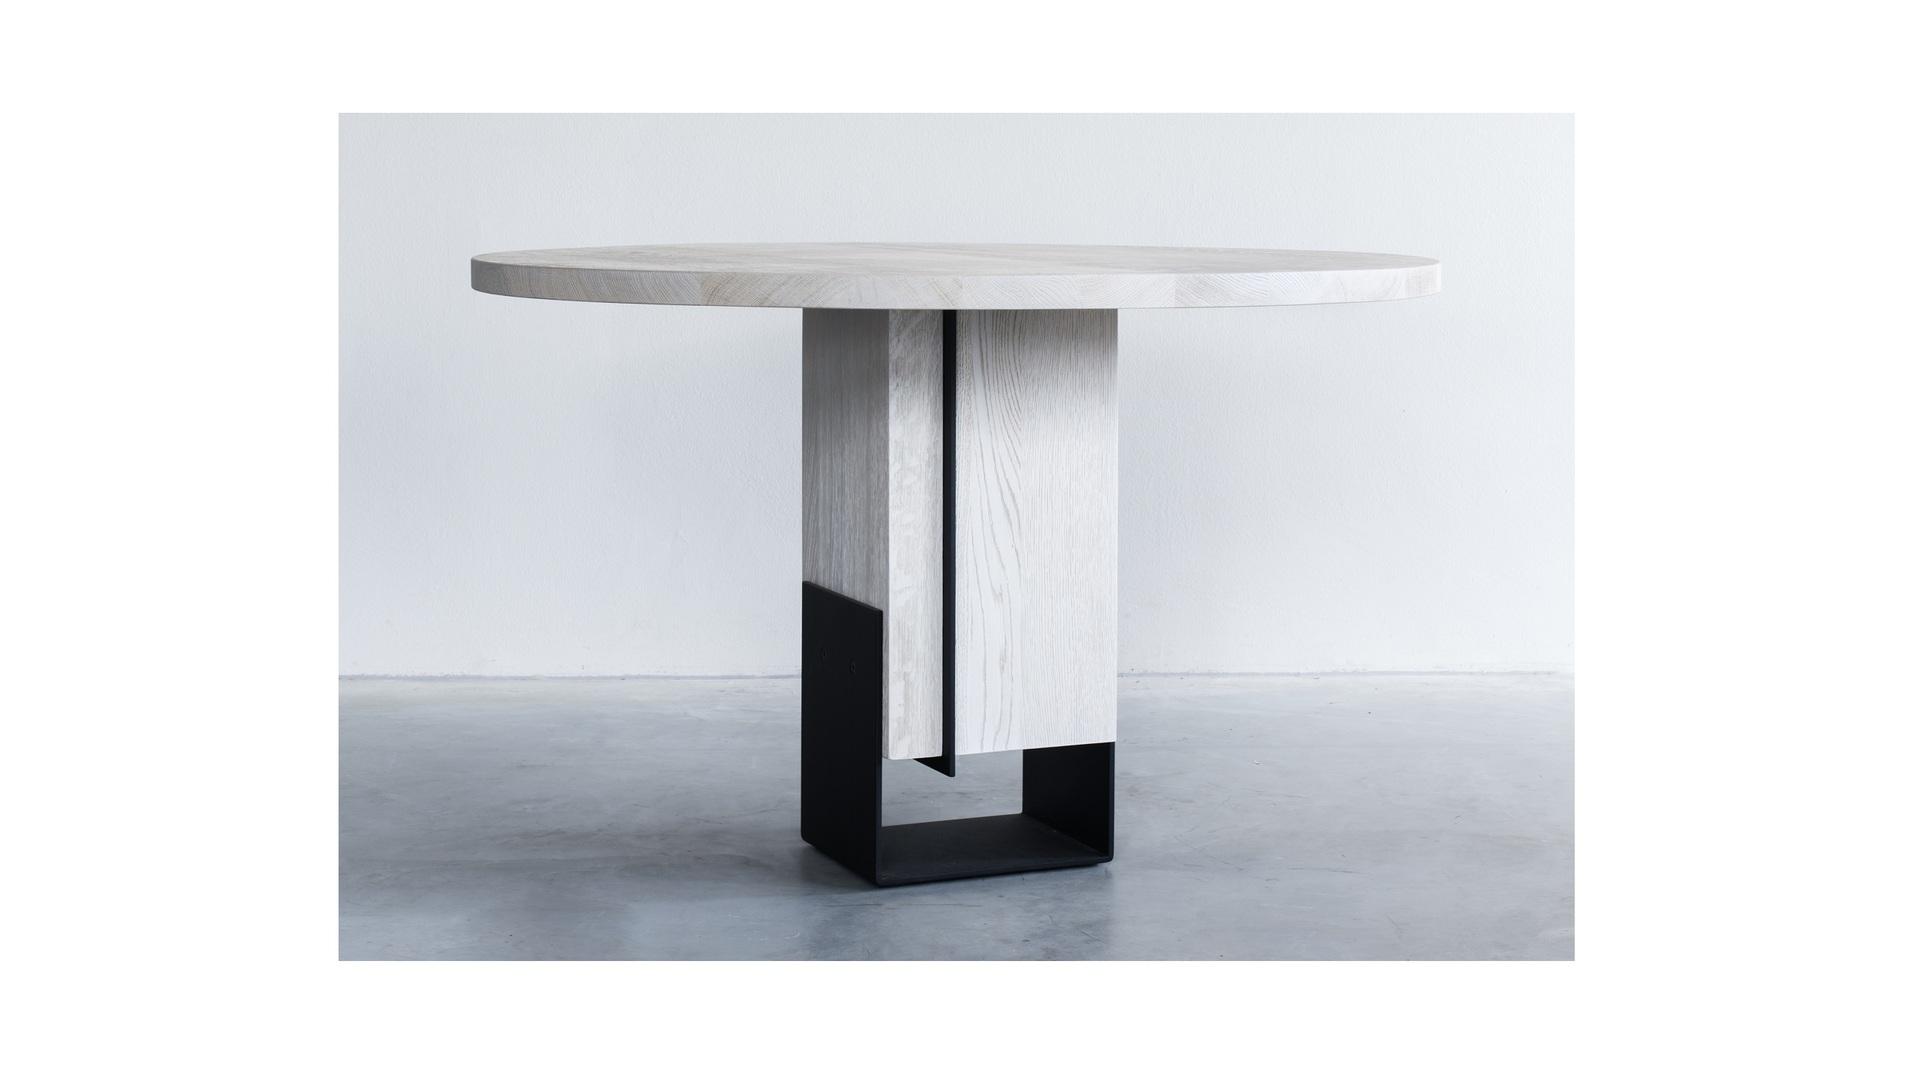 Kitale-round-dining-table-ronde-tafel-Rund-Esstisch-06 klein.jpg